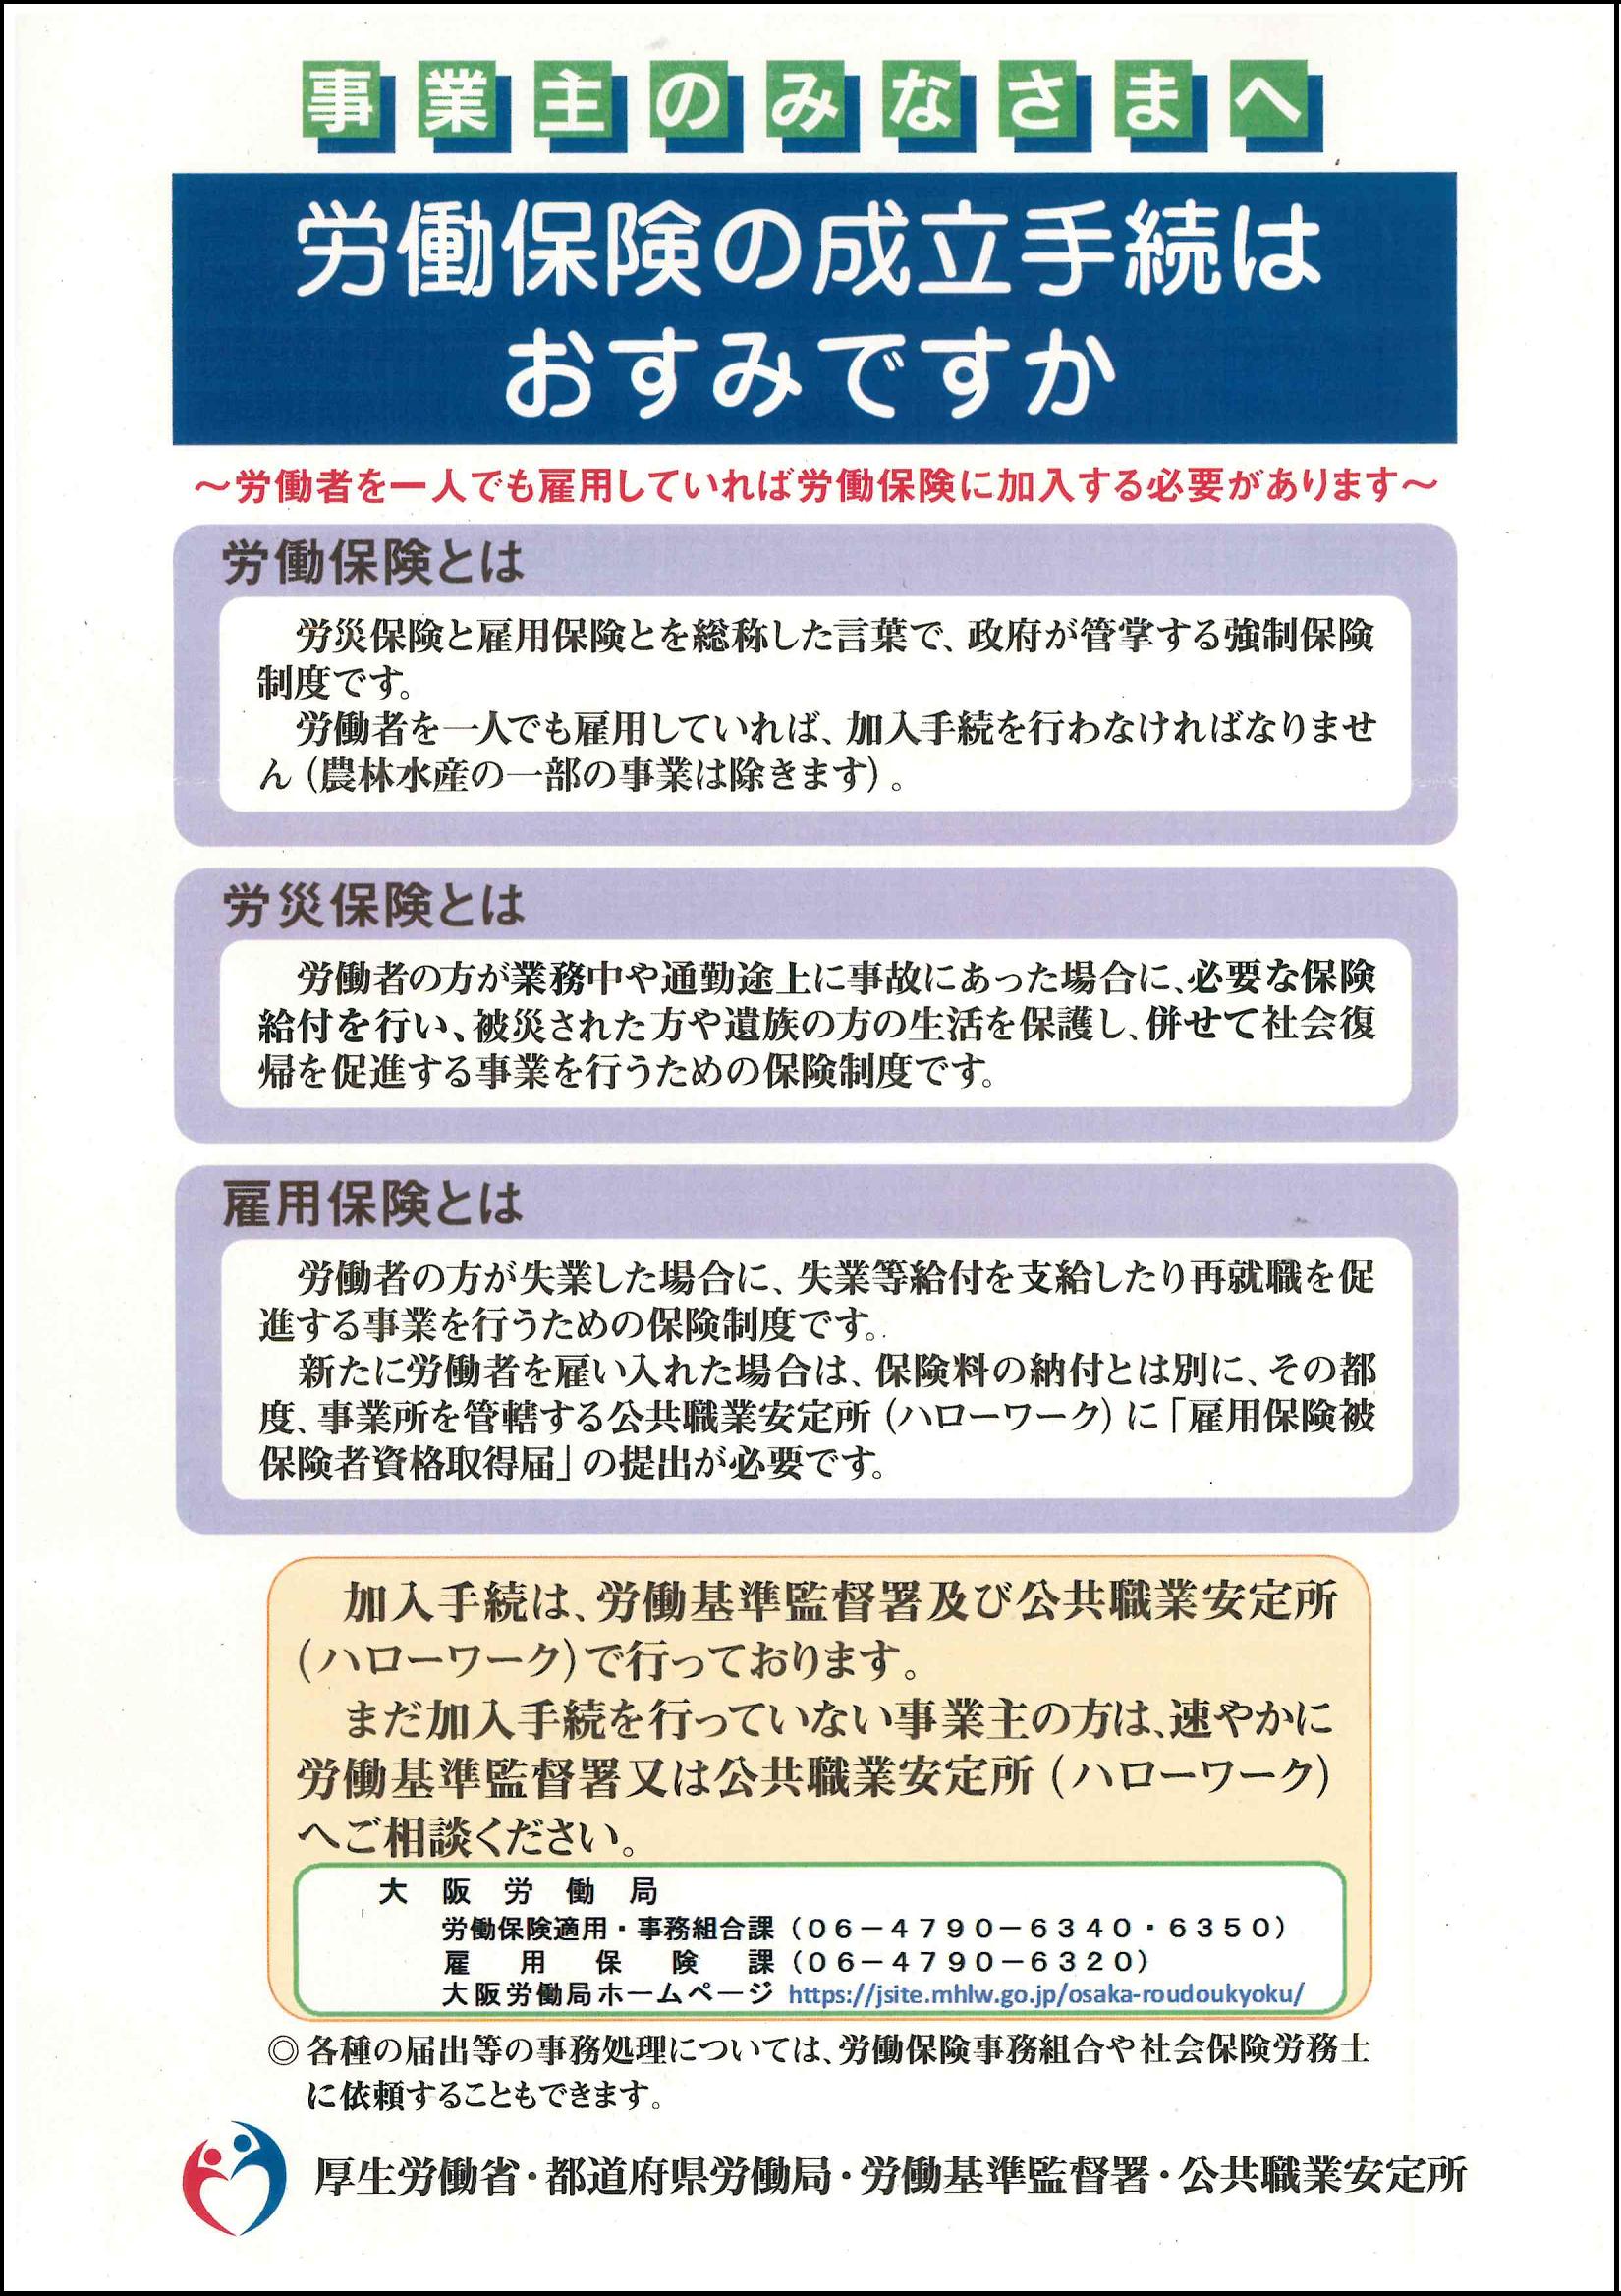 コロナ 家賃 大阪 補助